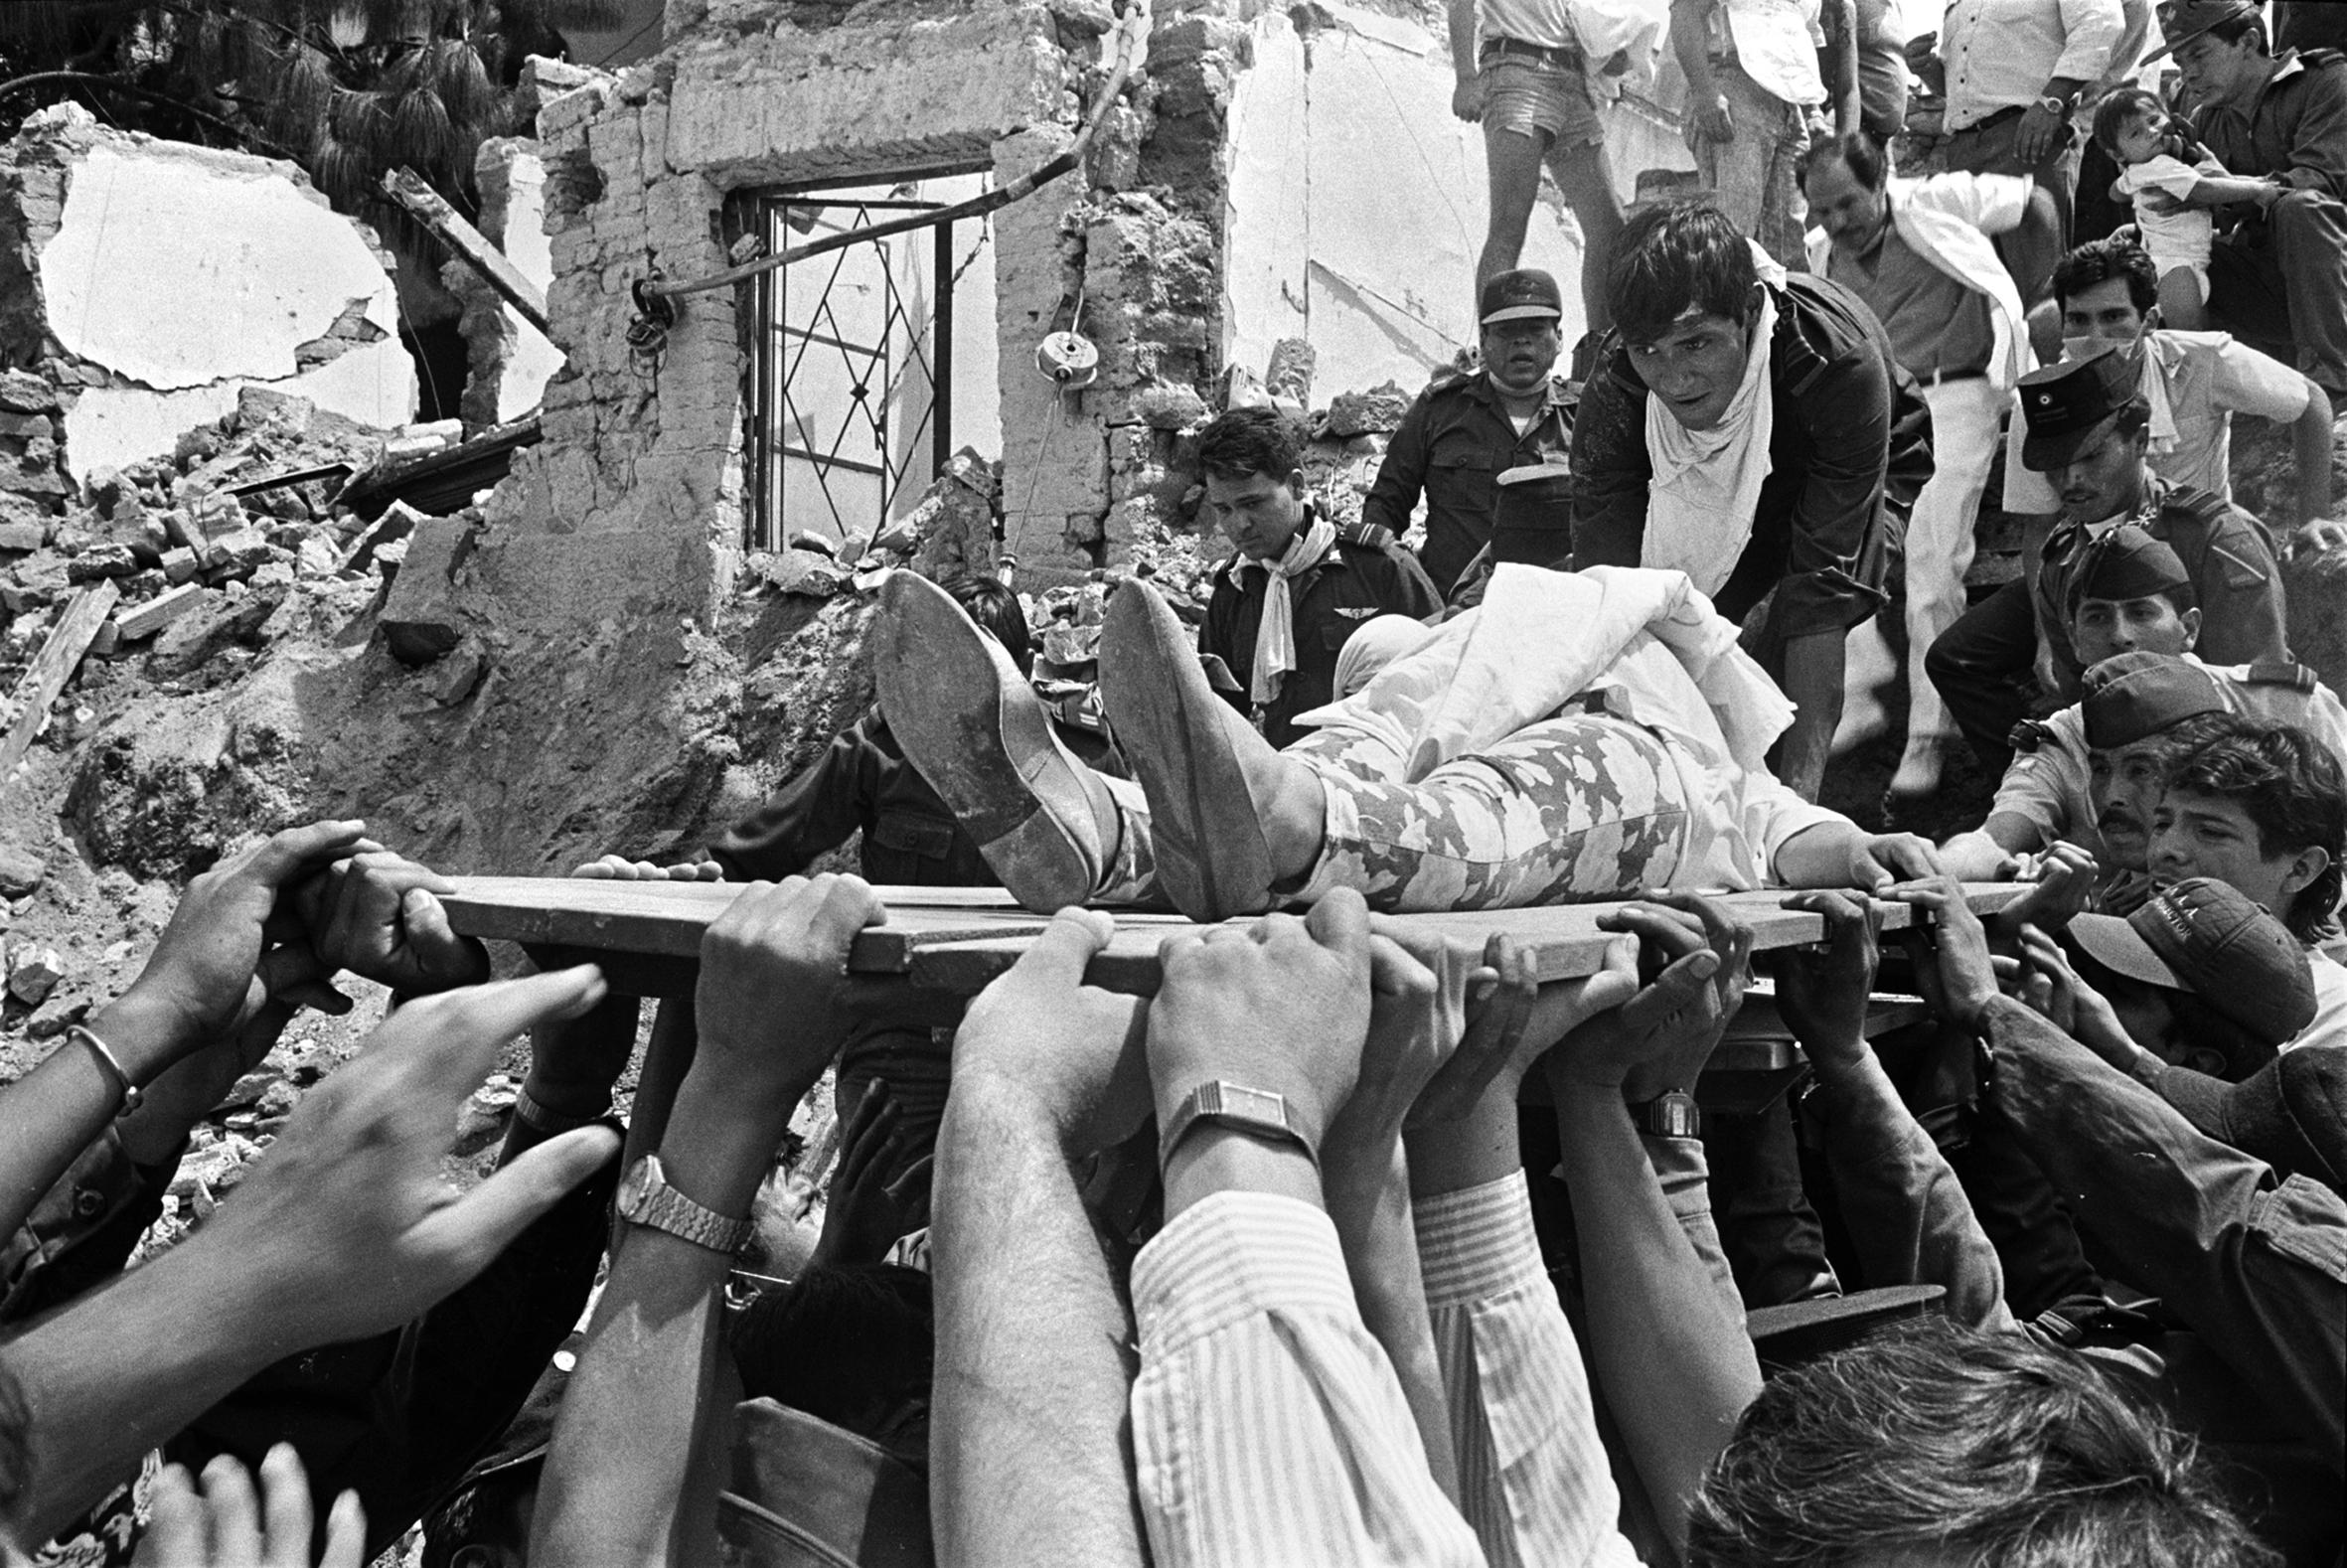 Civiles y rescatistas, transportando a un herido rescatado de los escombros, con una tabla como camilla improvisada.